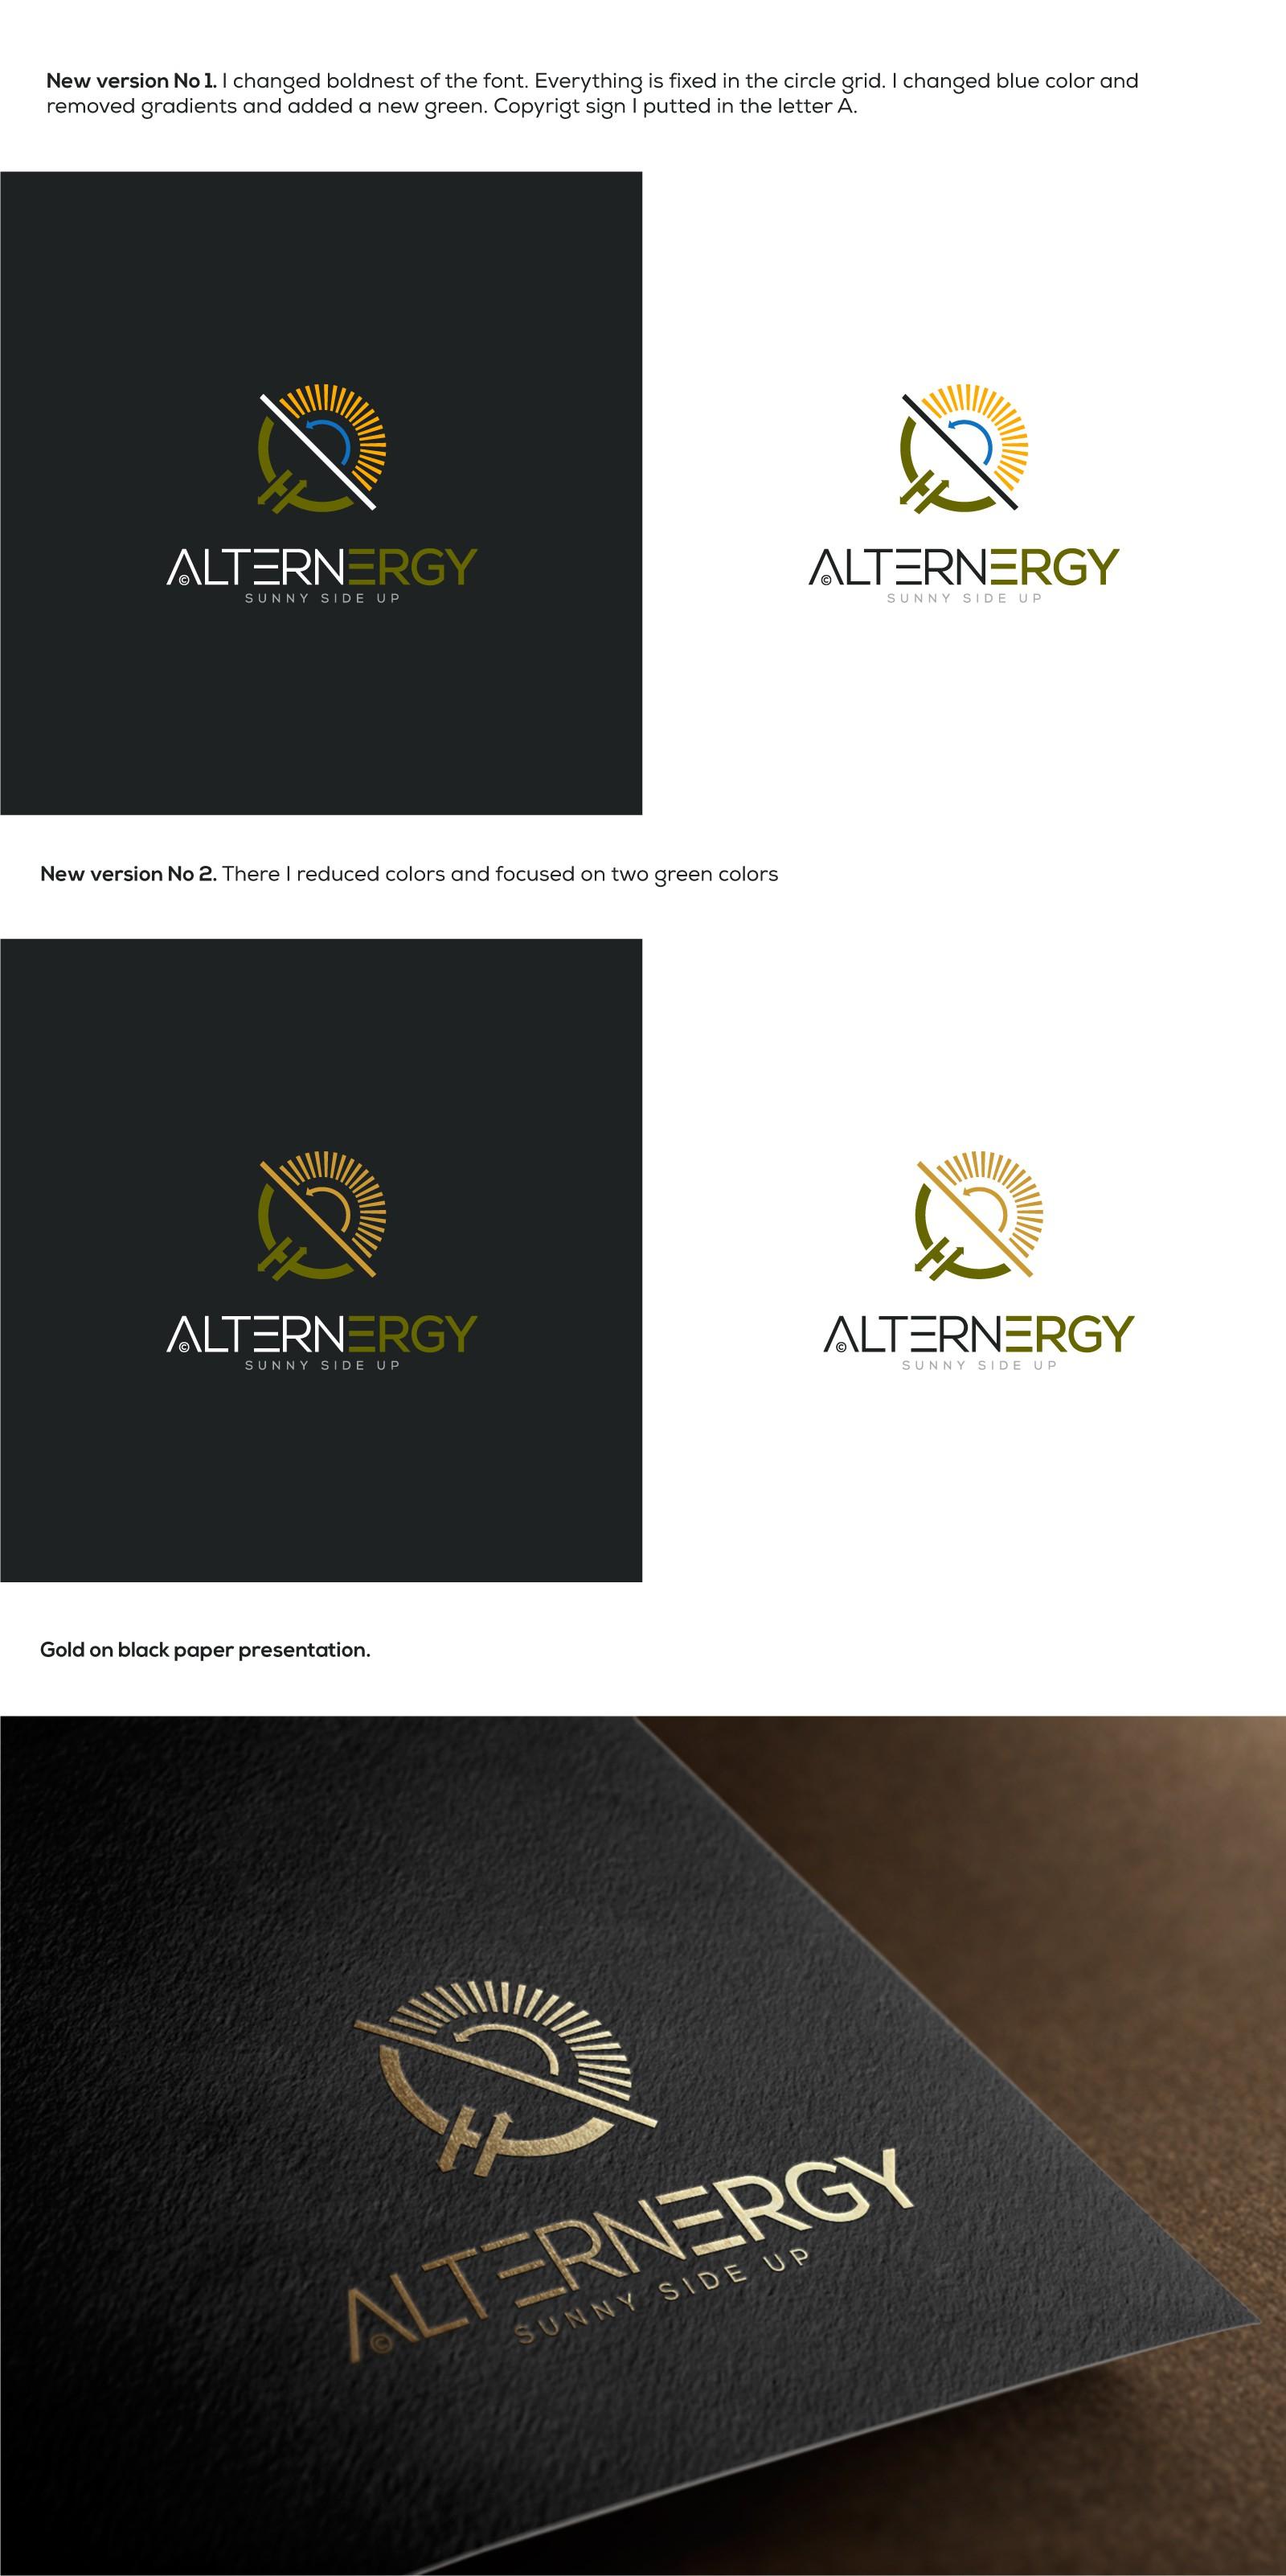 Erstelle ein Hippster-Logo mit den Elementen Erneuerbare Energien, Finanzen und Steuern